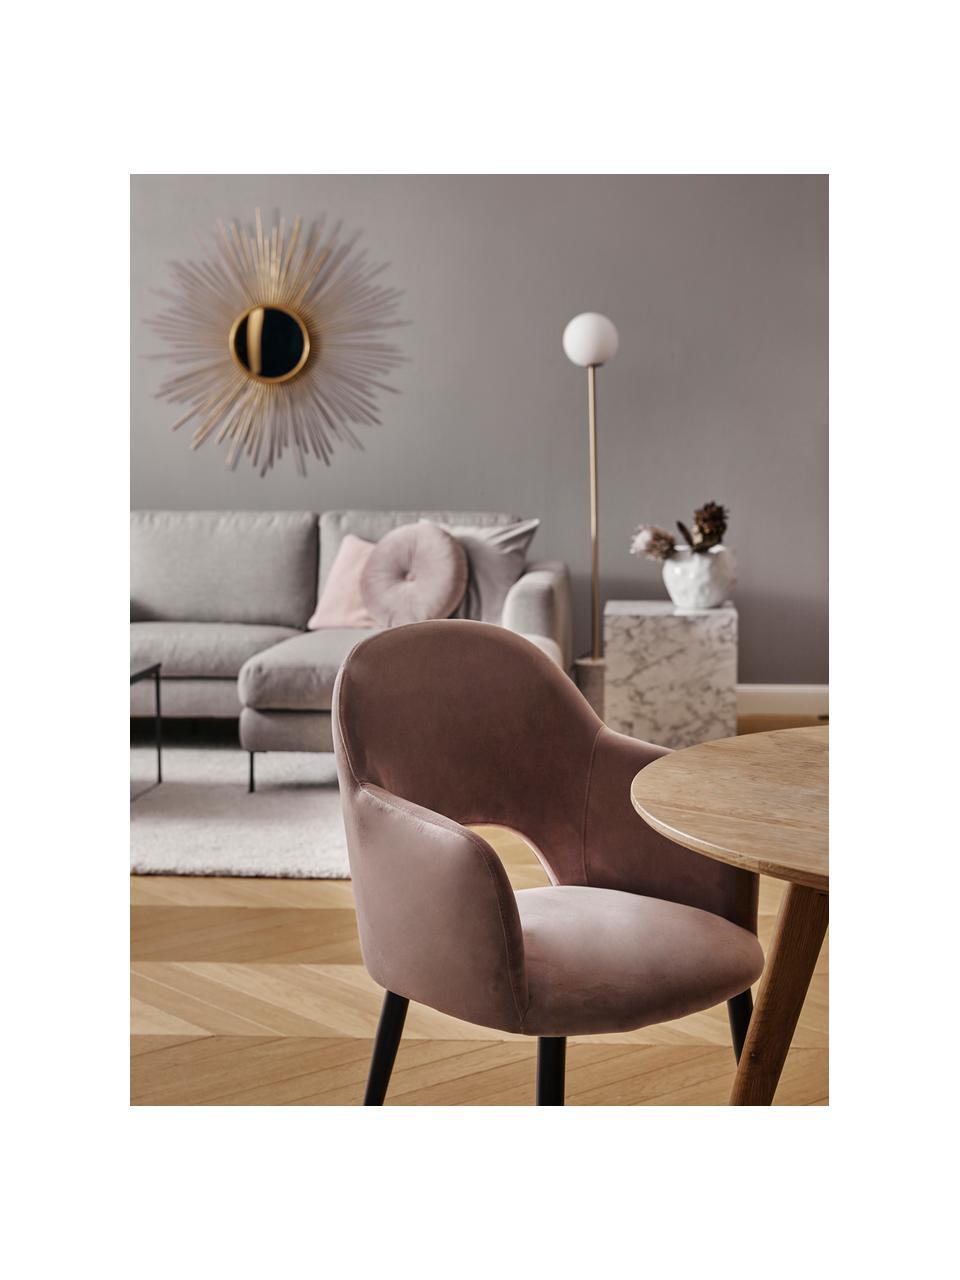 Sedia con braccioli in velluto color malva Rachel, Rivestimento: velluto (rivestimento in , Gambe: metallo verniciato a polv, Velluto malva, Larg. 56 x Alt. 70 cm